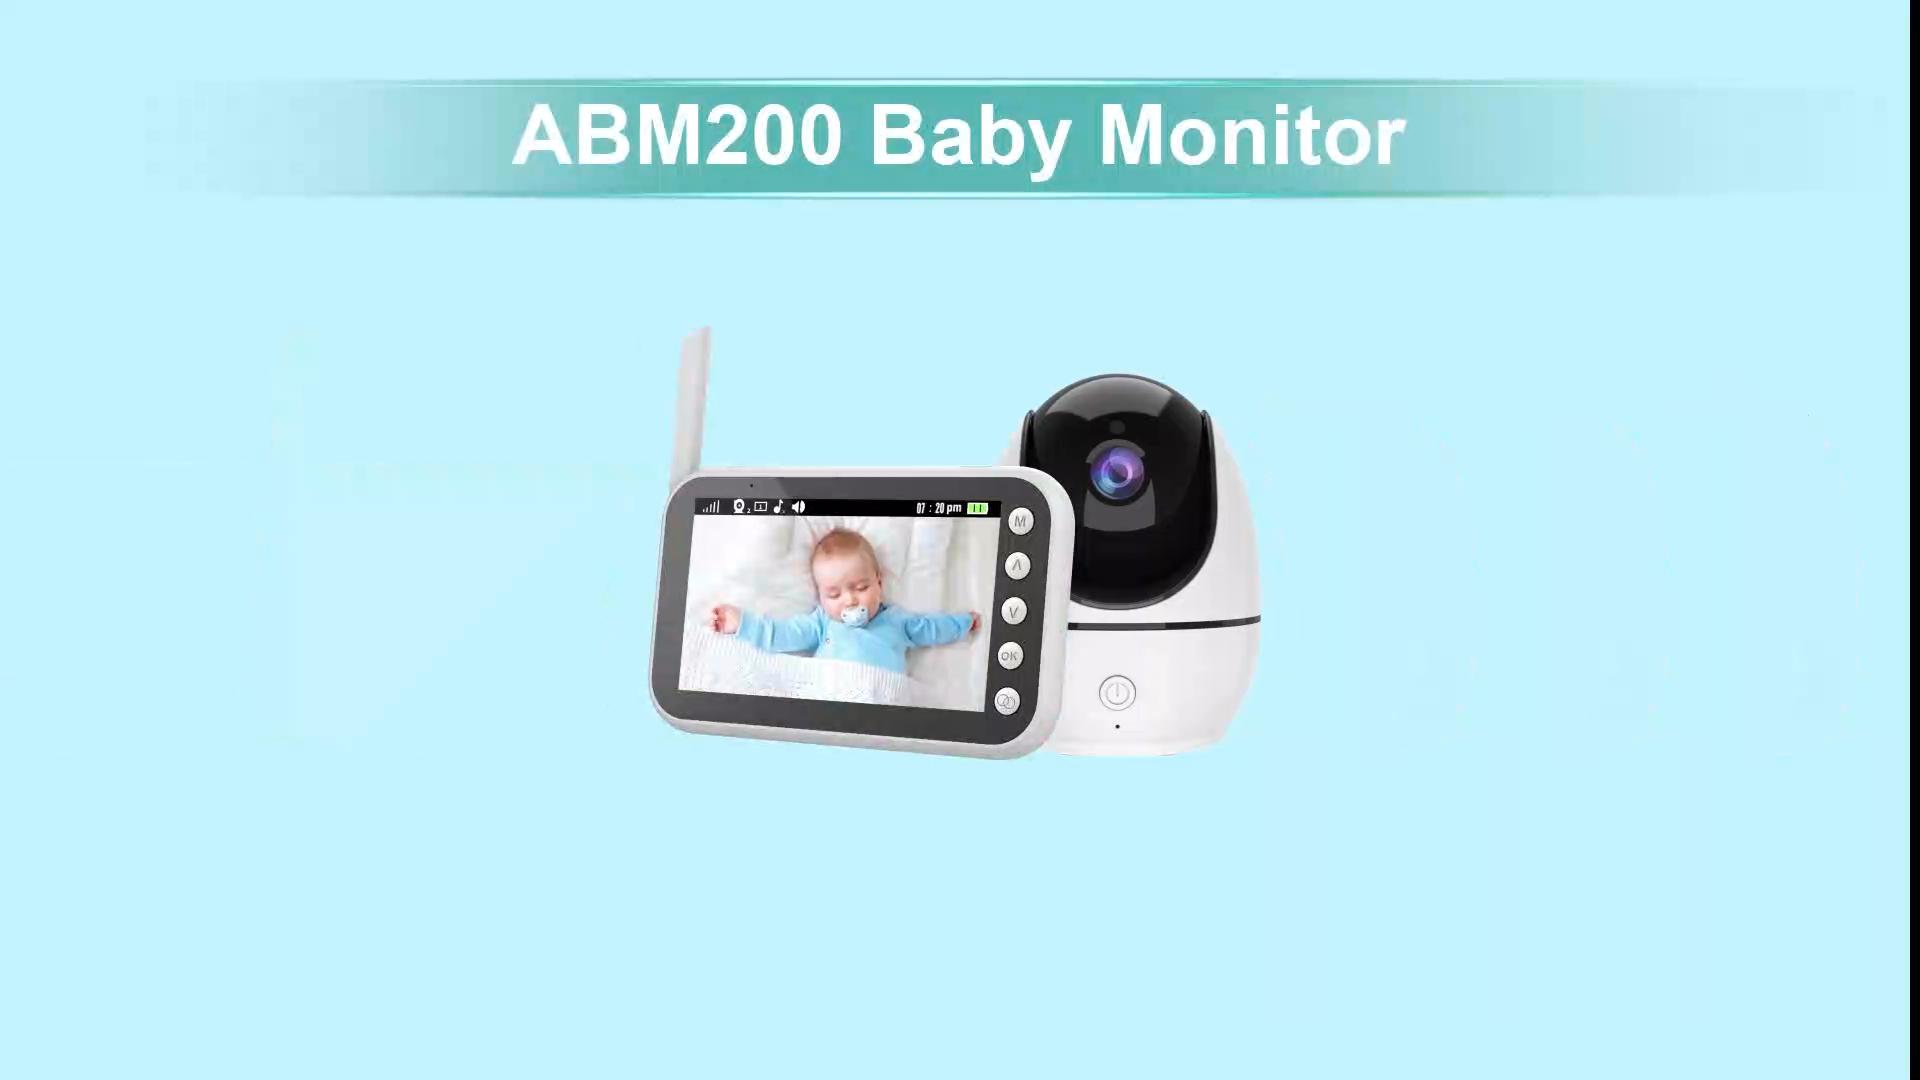 חדש תינוק צג 4.5 אינץ HD720P אלחוטי ראיית לילה עם שתי מצלמות תינוק דו כיוונית לדבר בחזרה LCD תצוגת תינוק ניטור מצלמה